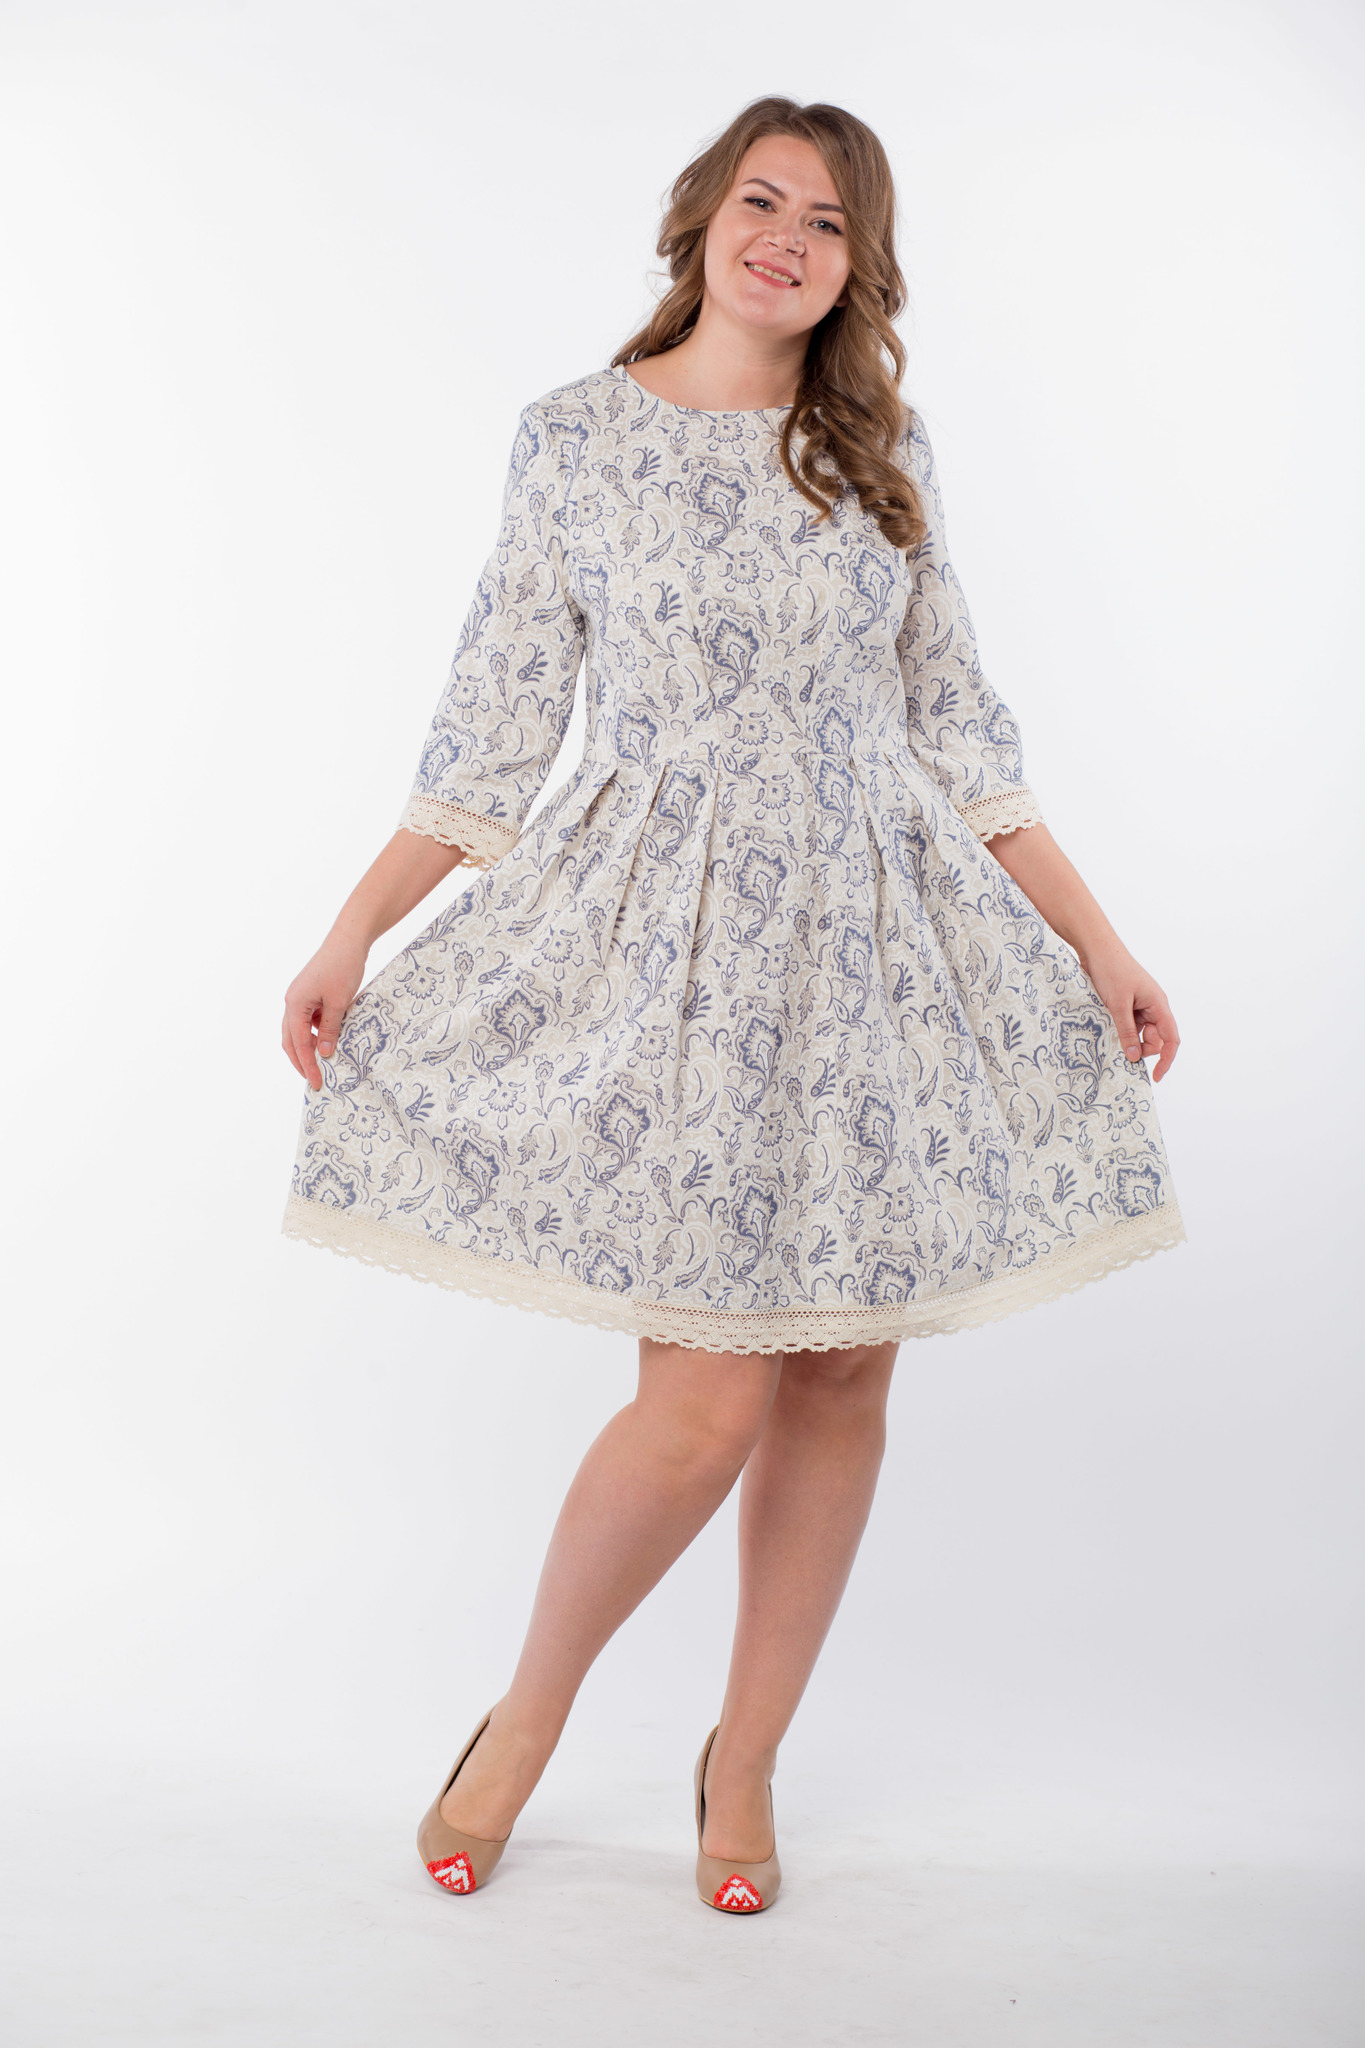 Платье льняное Первоцвет 50 размер юбка